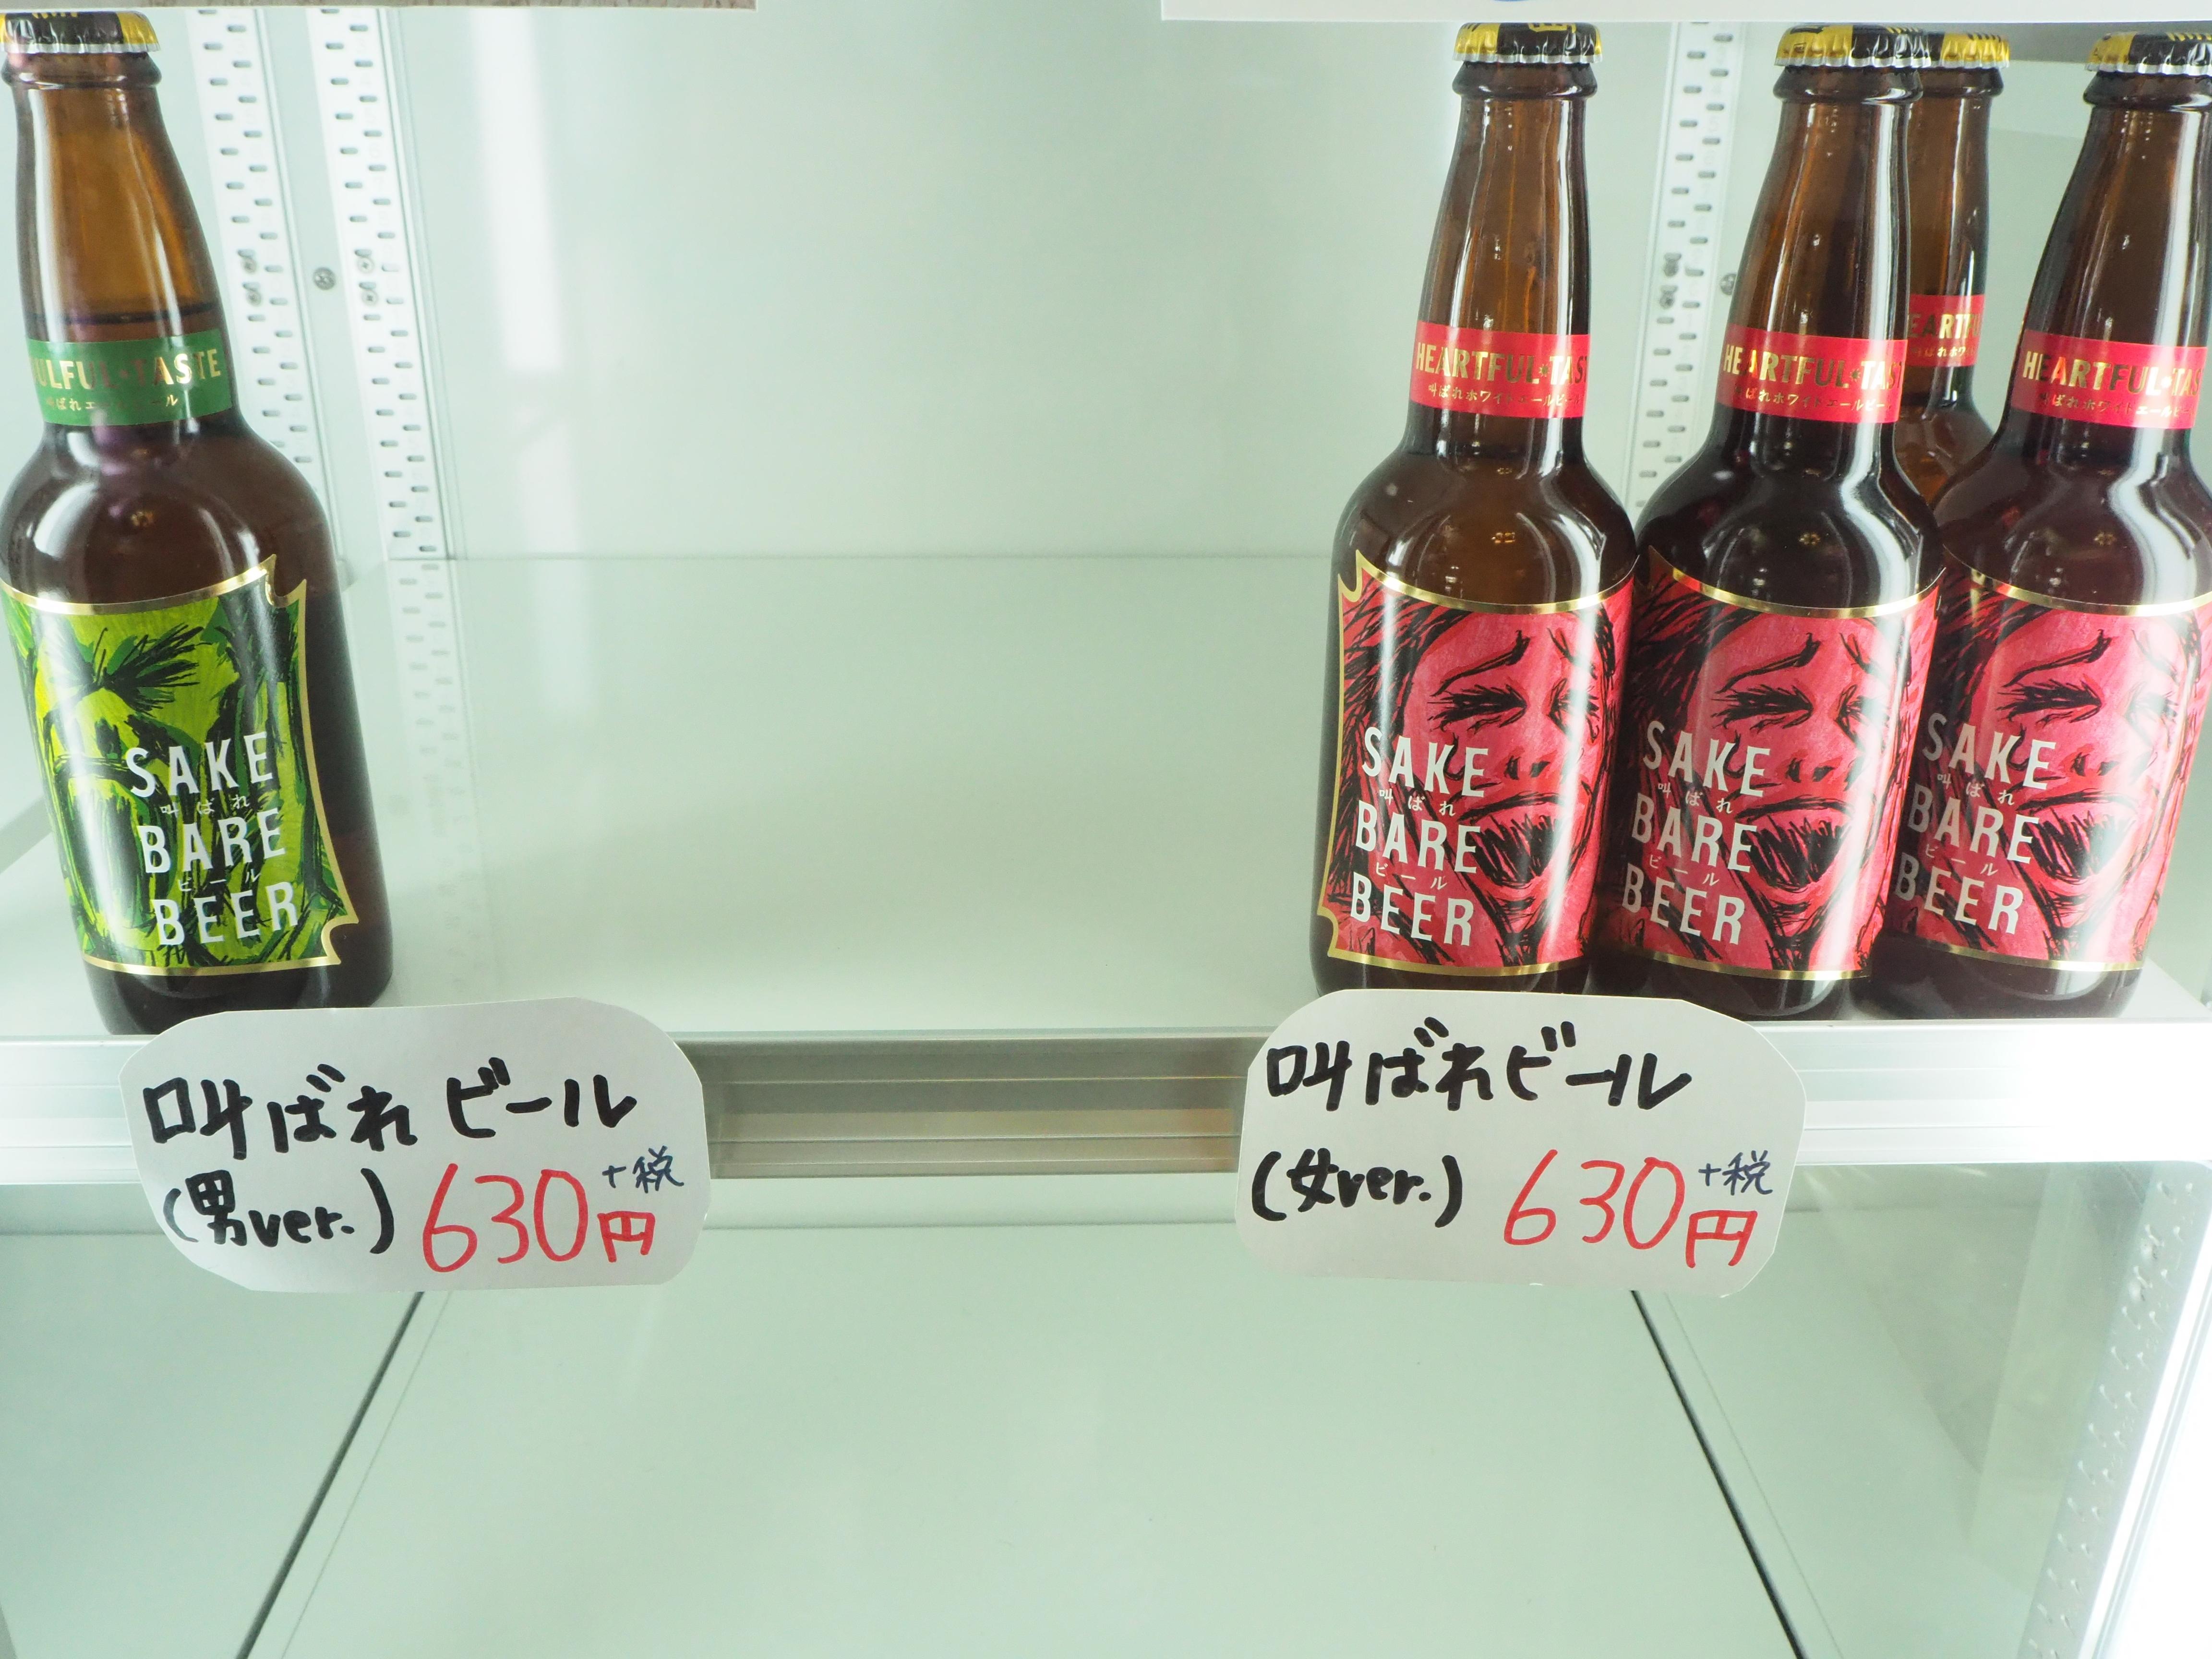 地ビール 叫ばれビール